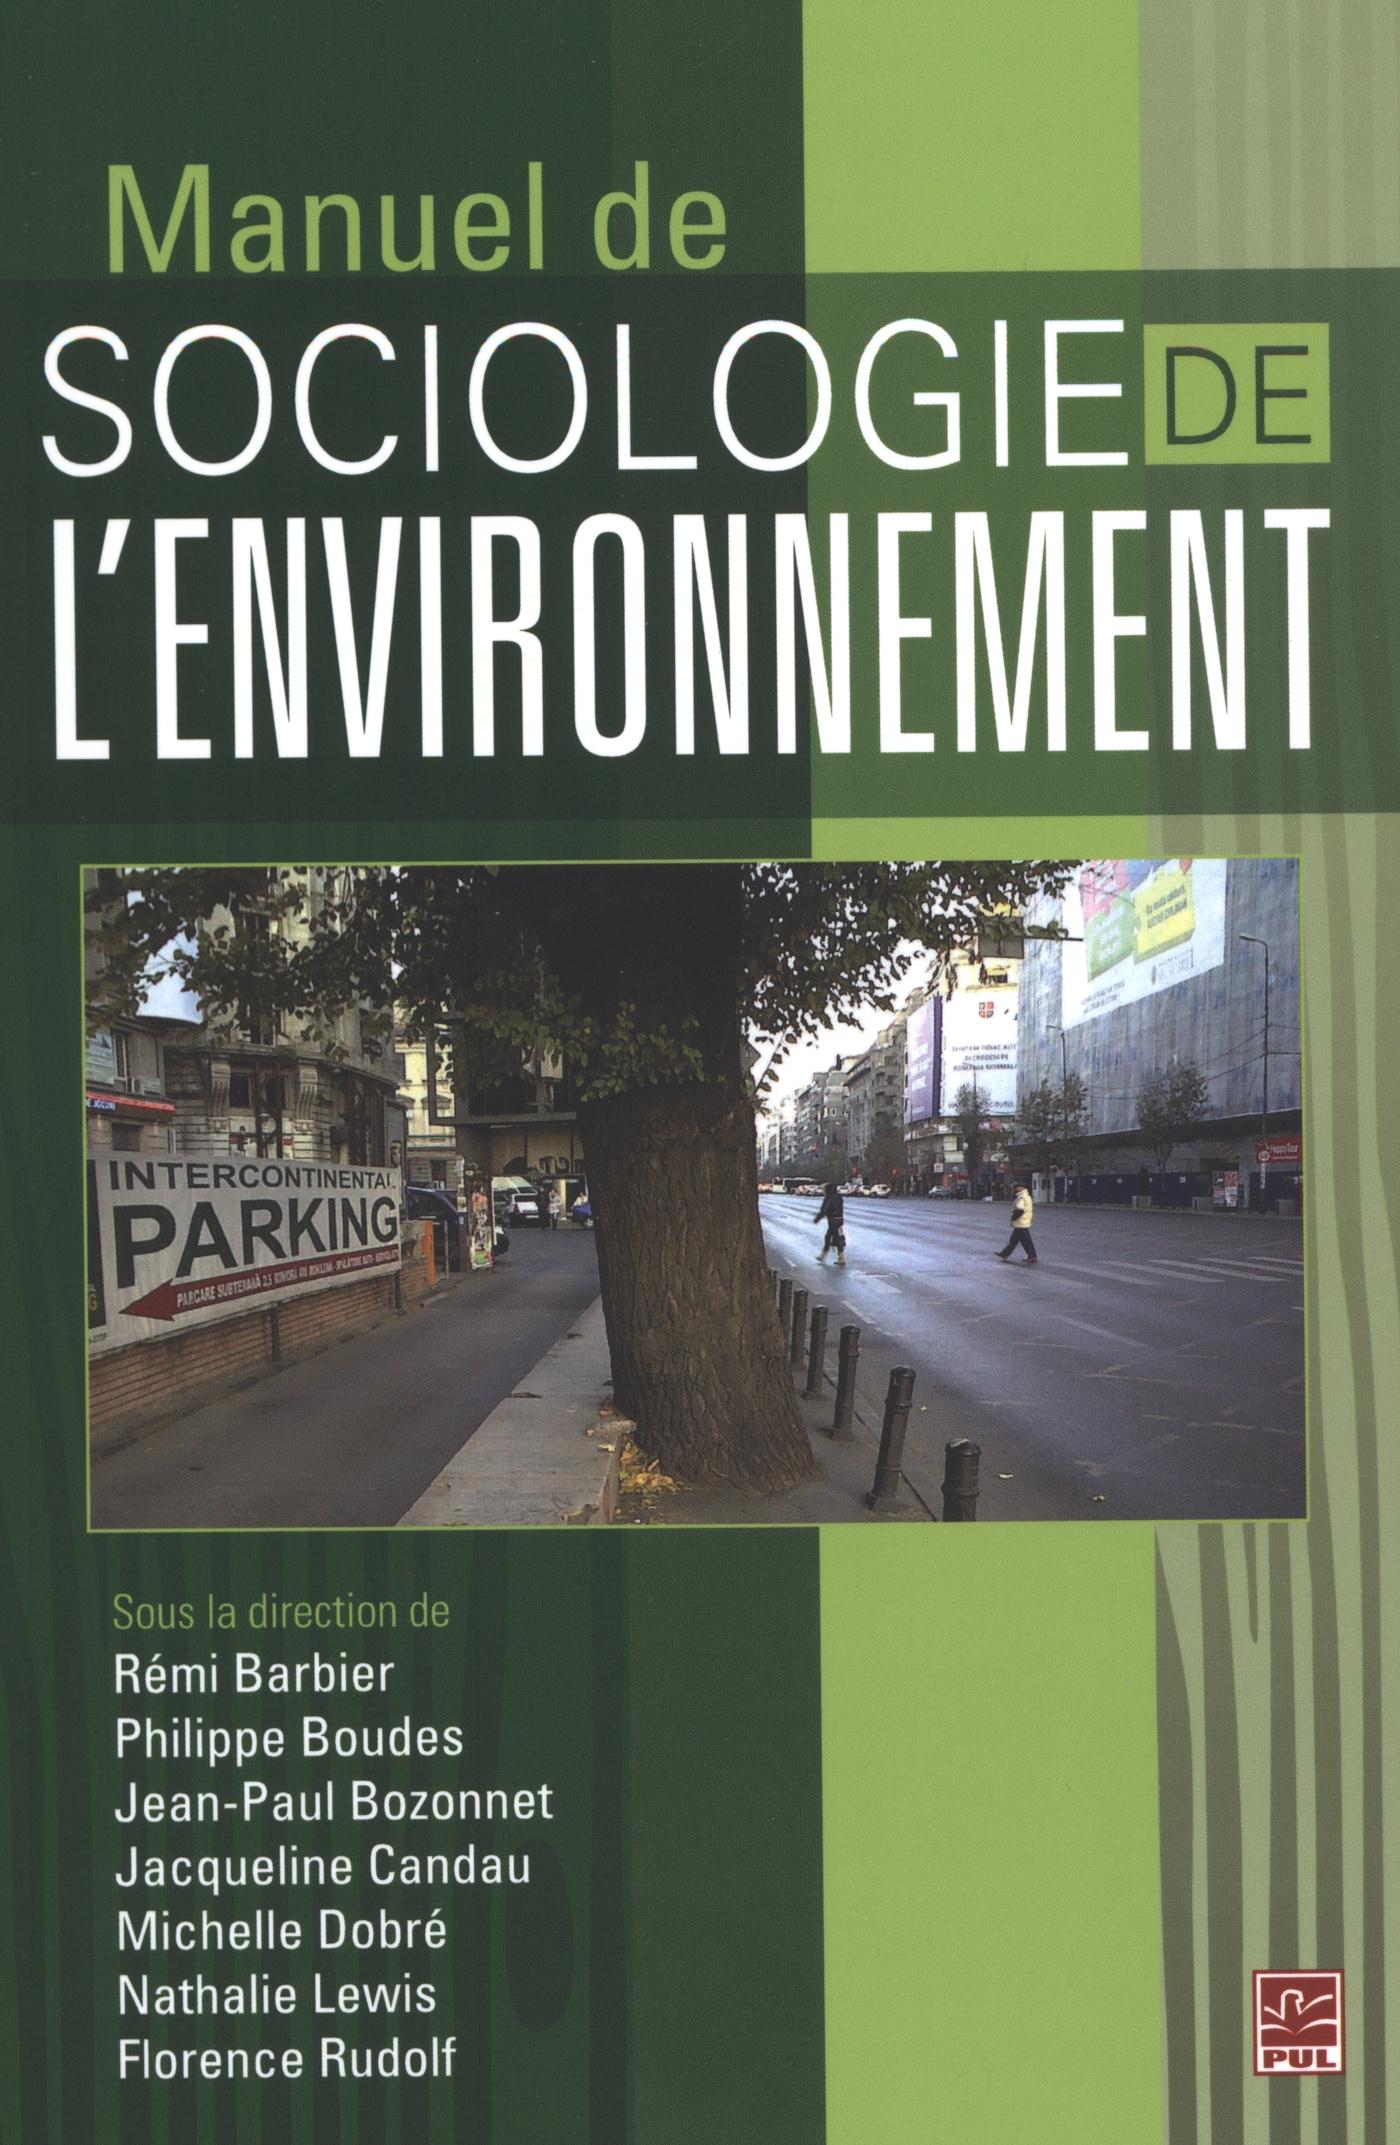 Manuel de sociologie de l'environnement